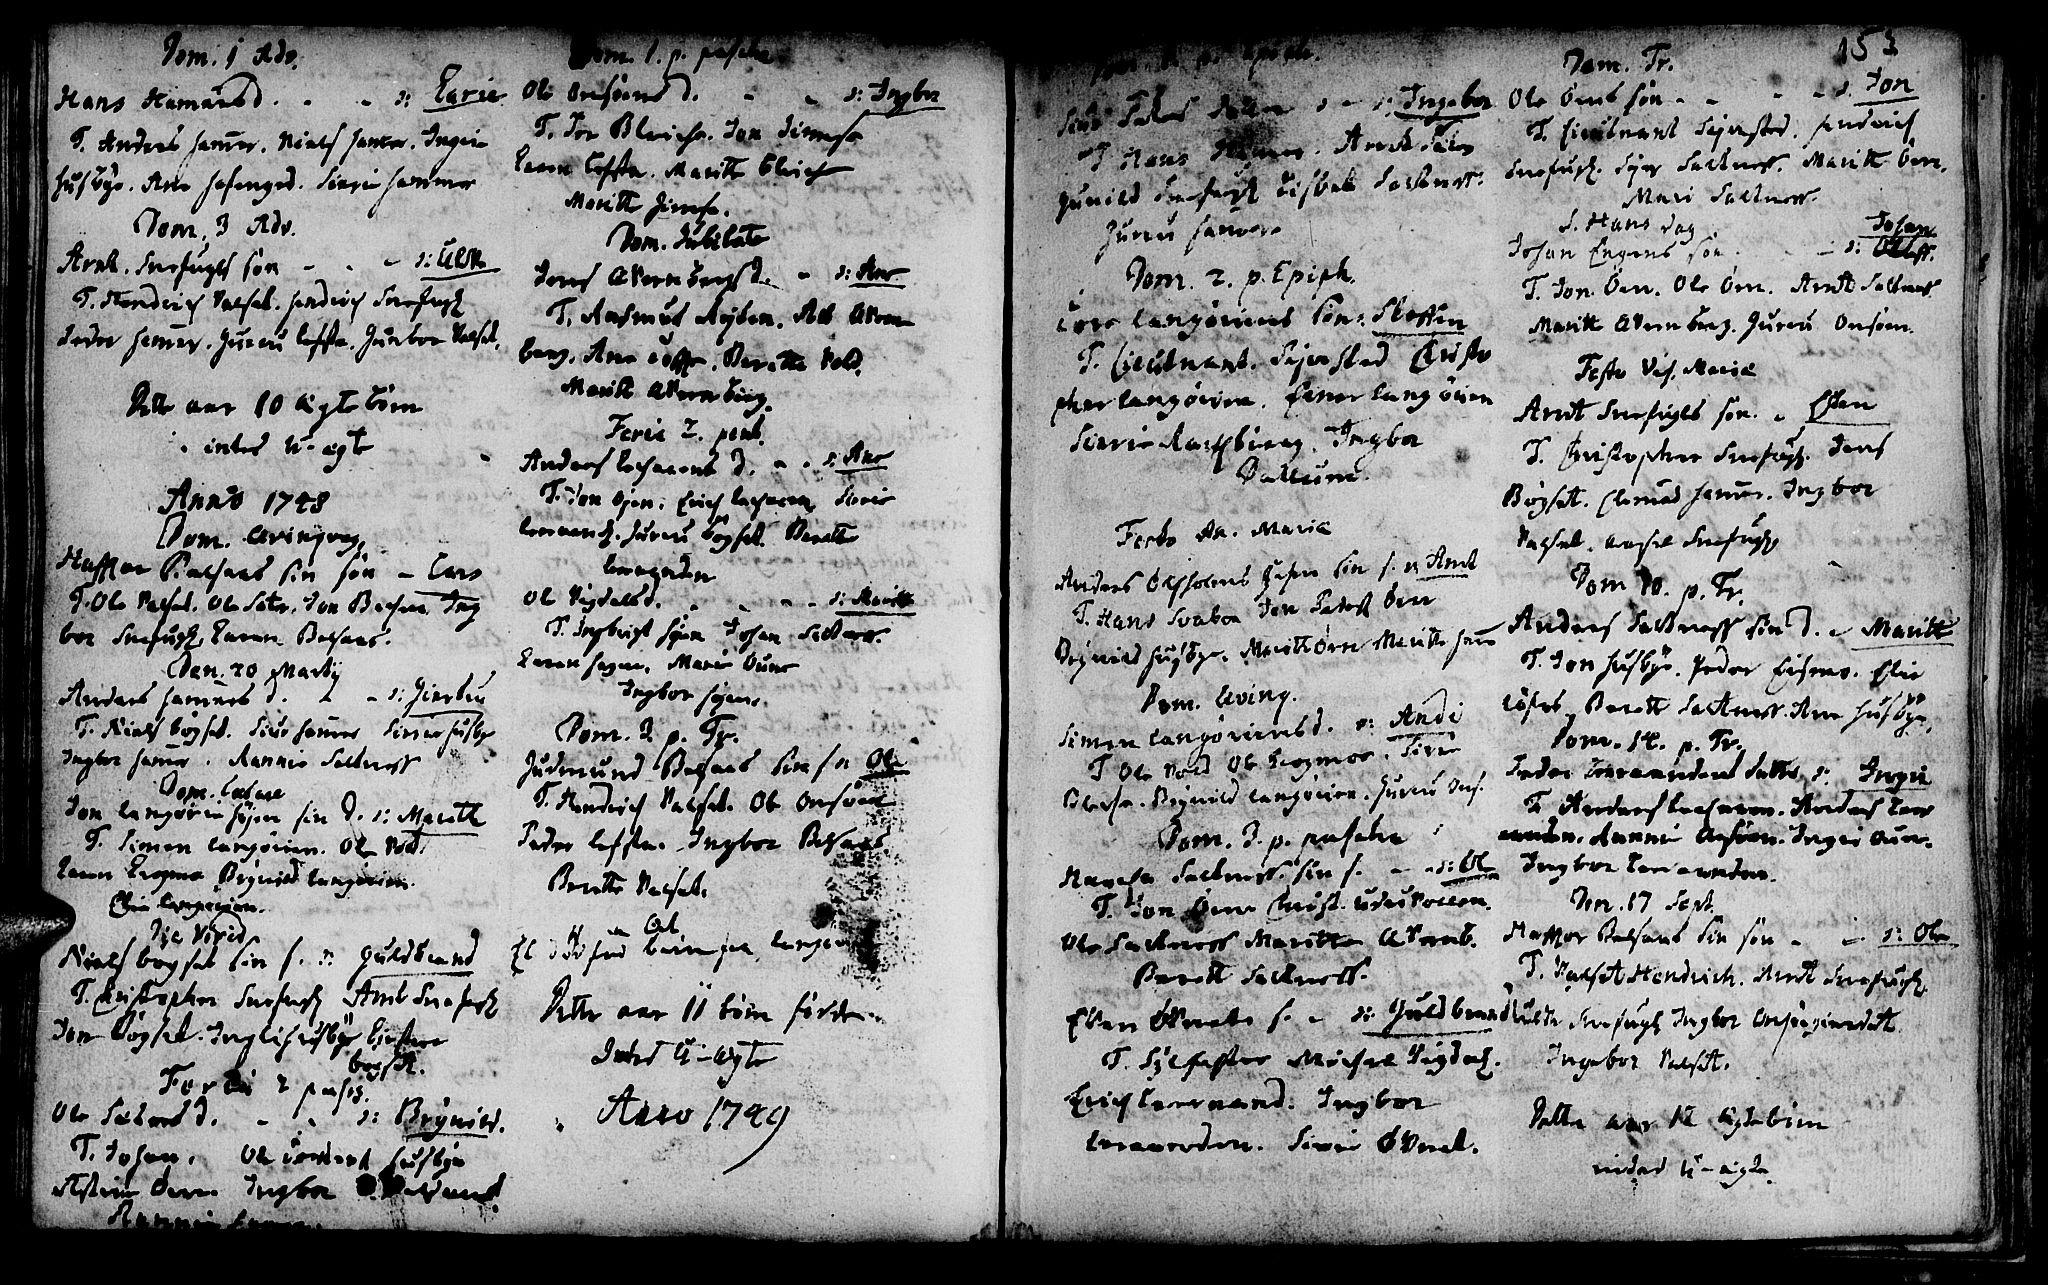 SAT, Ministerialprotokoller, klokkerbøker og fødselsregistre - Sør-Trøndelag, 666/L0783: Ministerialbok nr. 666A01, 1702-1753, s. 153